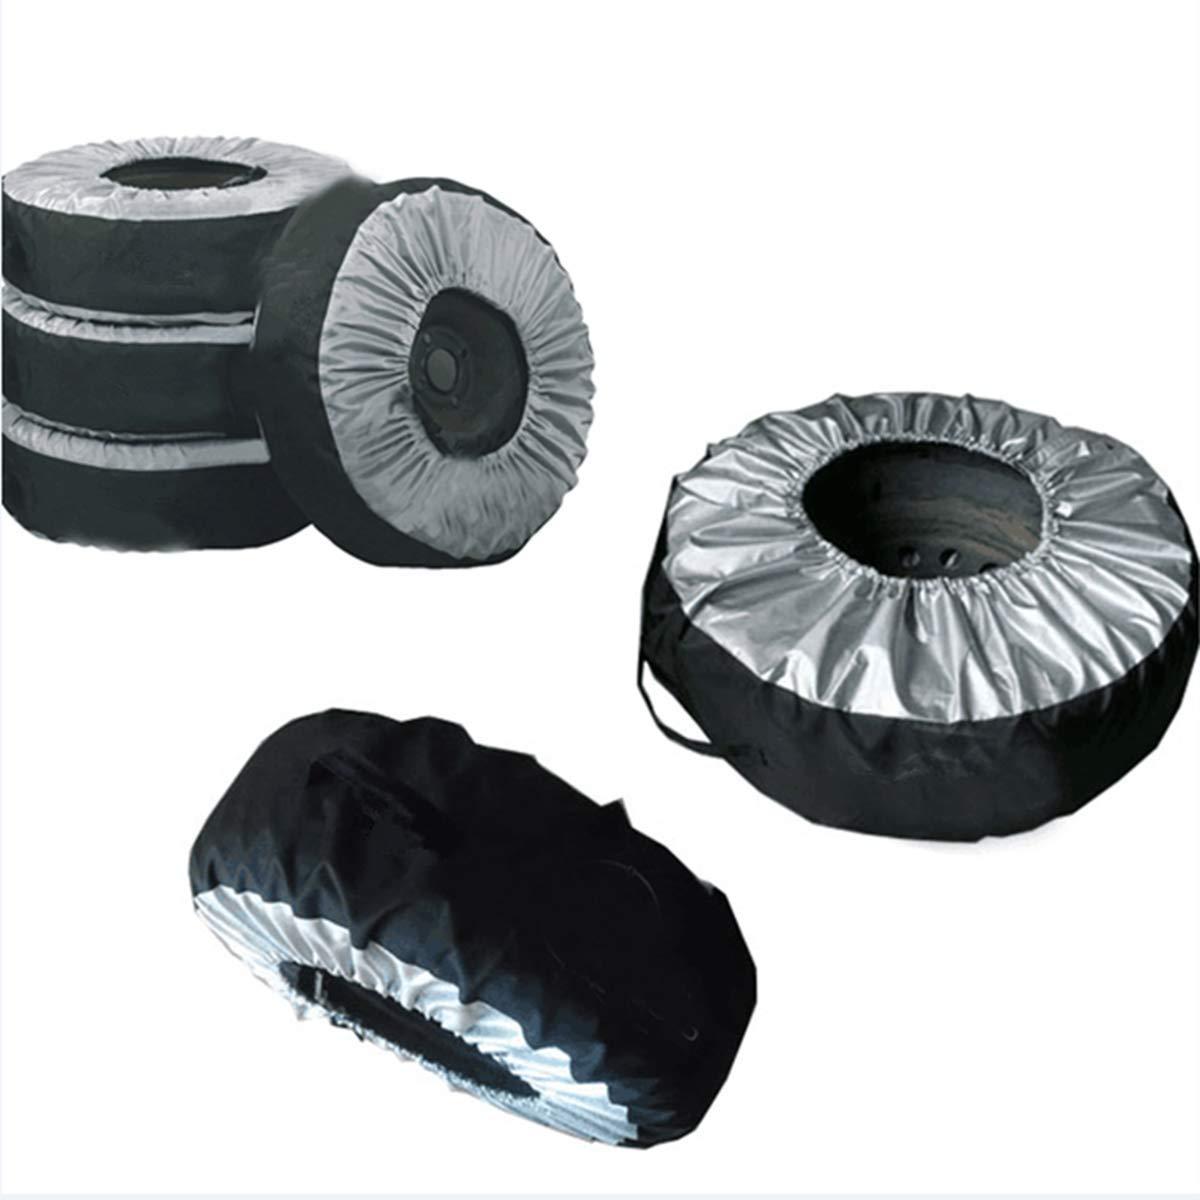 1 Reifen-Aufbewahrungstasche Protector Rain Dust Proof Techwills Reifenabdeckung Ersatzteil f/ür Autoreifen Black /& Silver f/ür 13-19-Zoll-Reifen